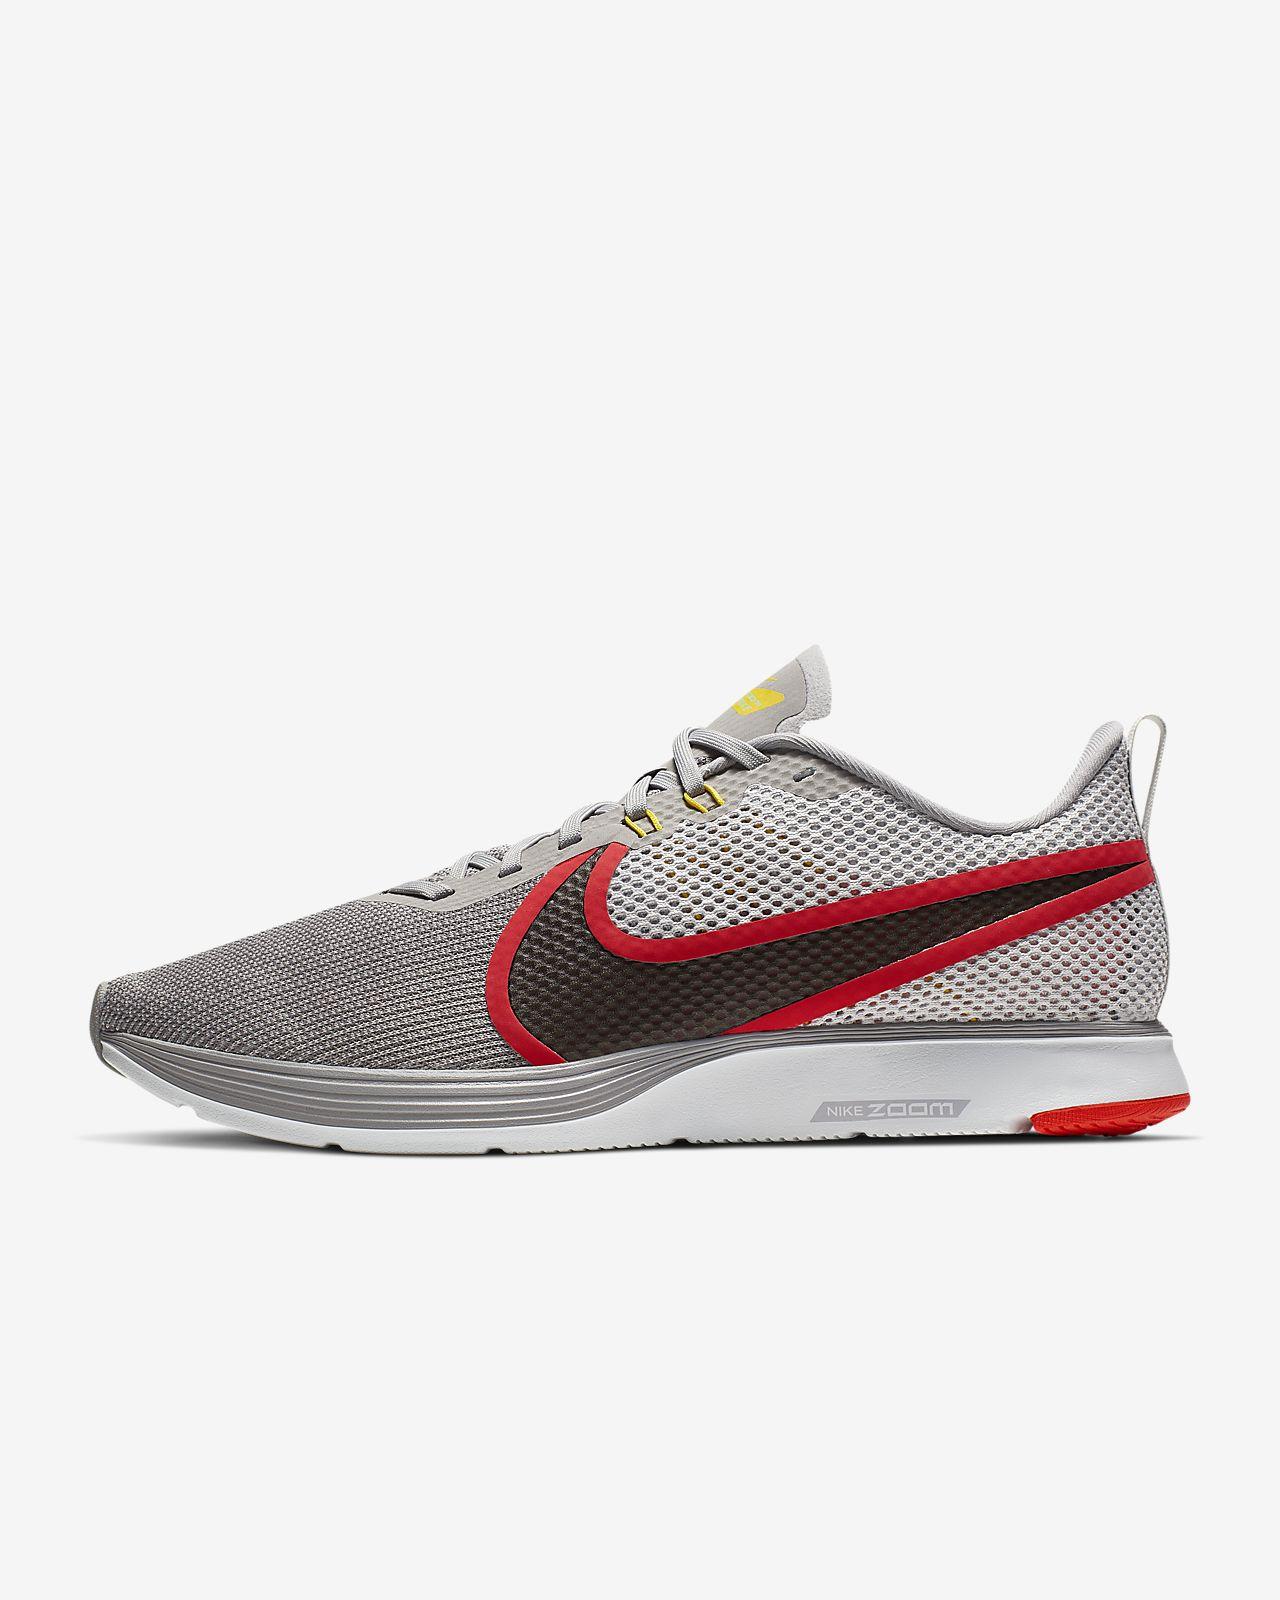 9eb228b2 Мужские беговые кроссовки Nike Zoom Strike 2. Nike.com RU